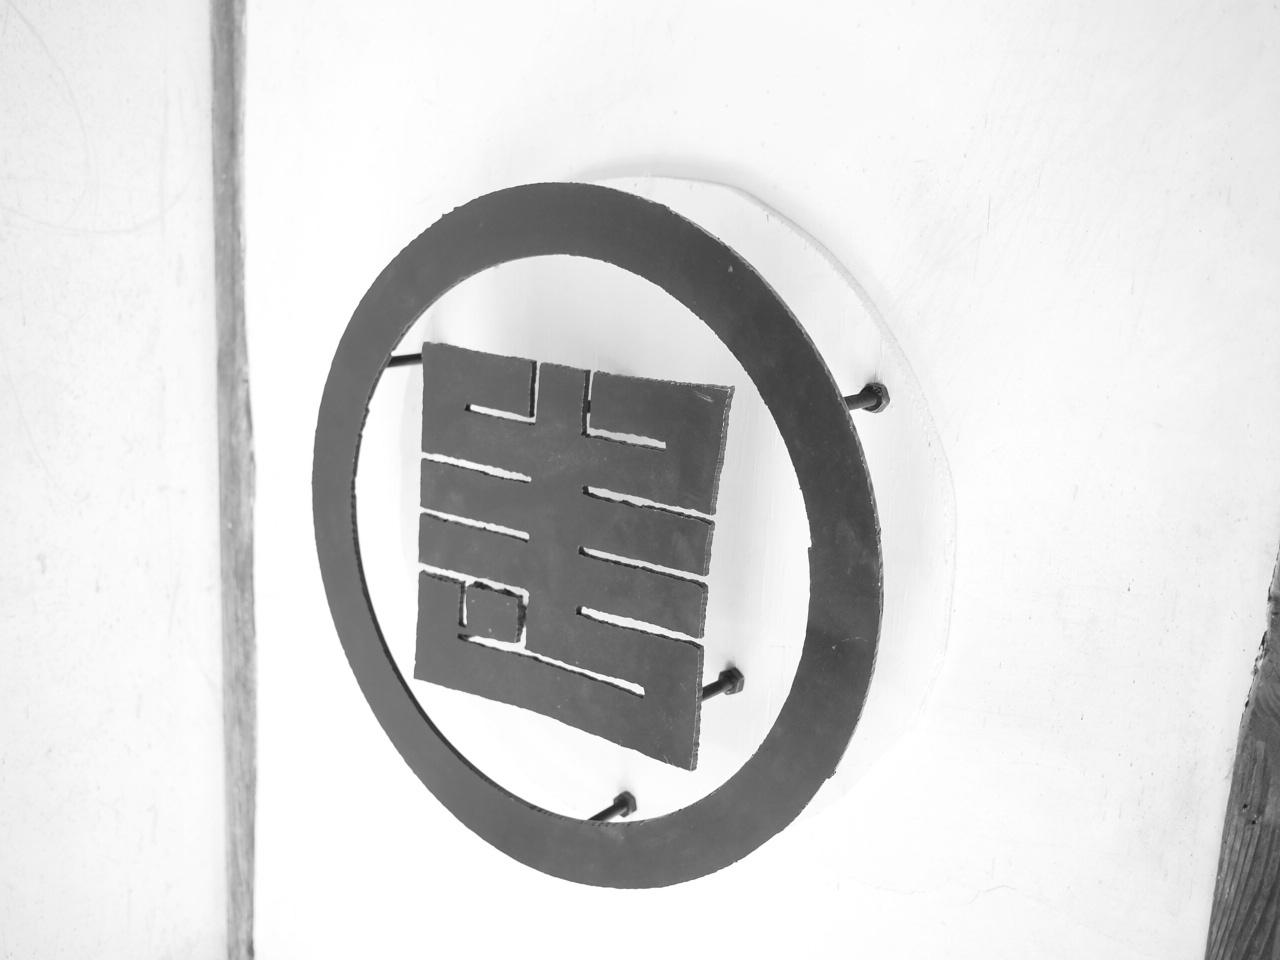 安曇野市のご自宅にアイアン製の家紋を製作、取り付けて来ました。_a0206732_17074522.jpg